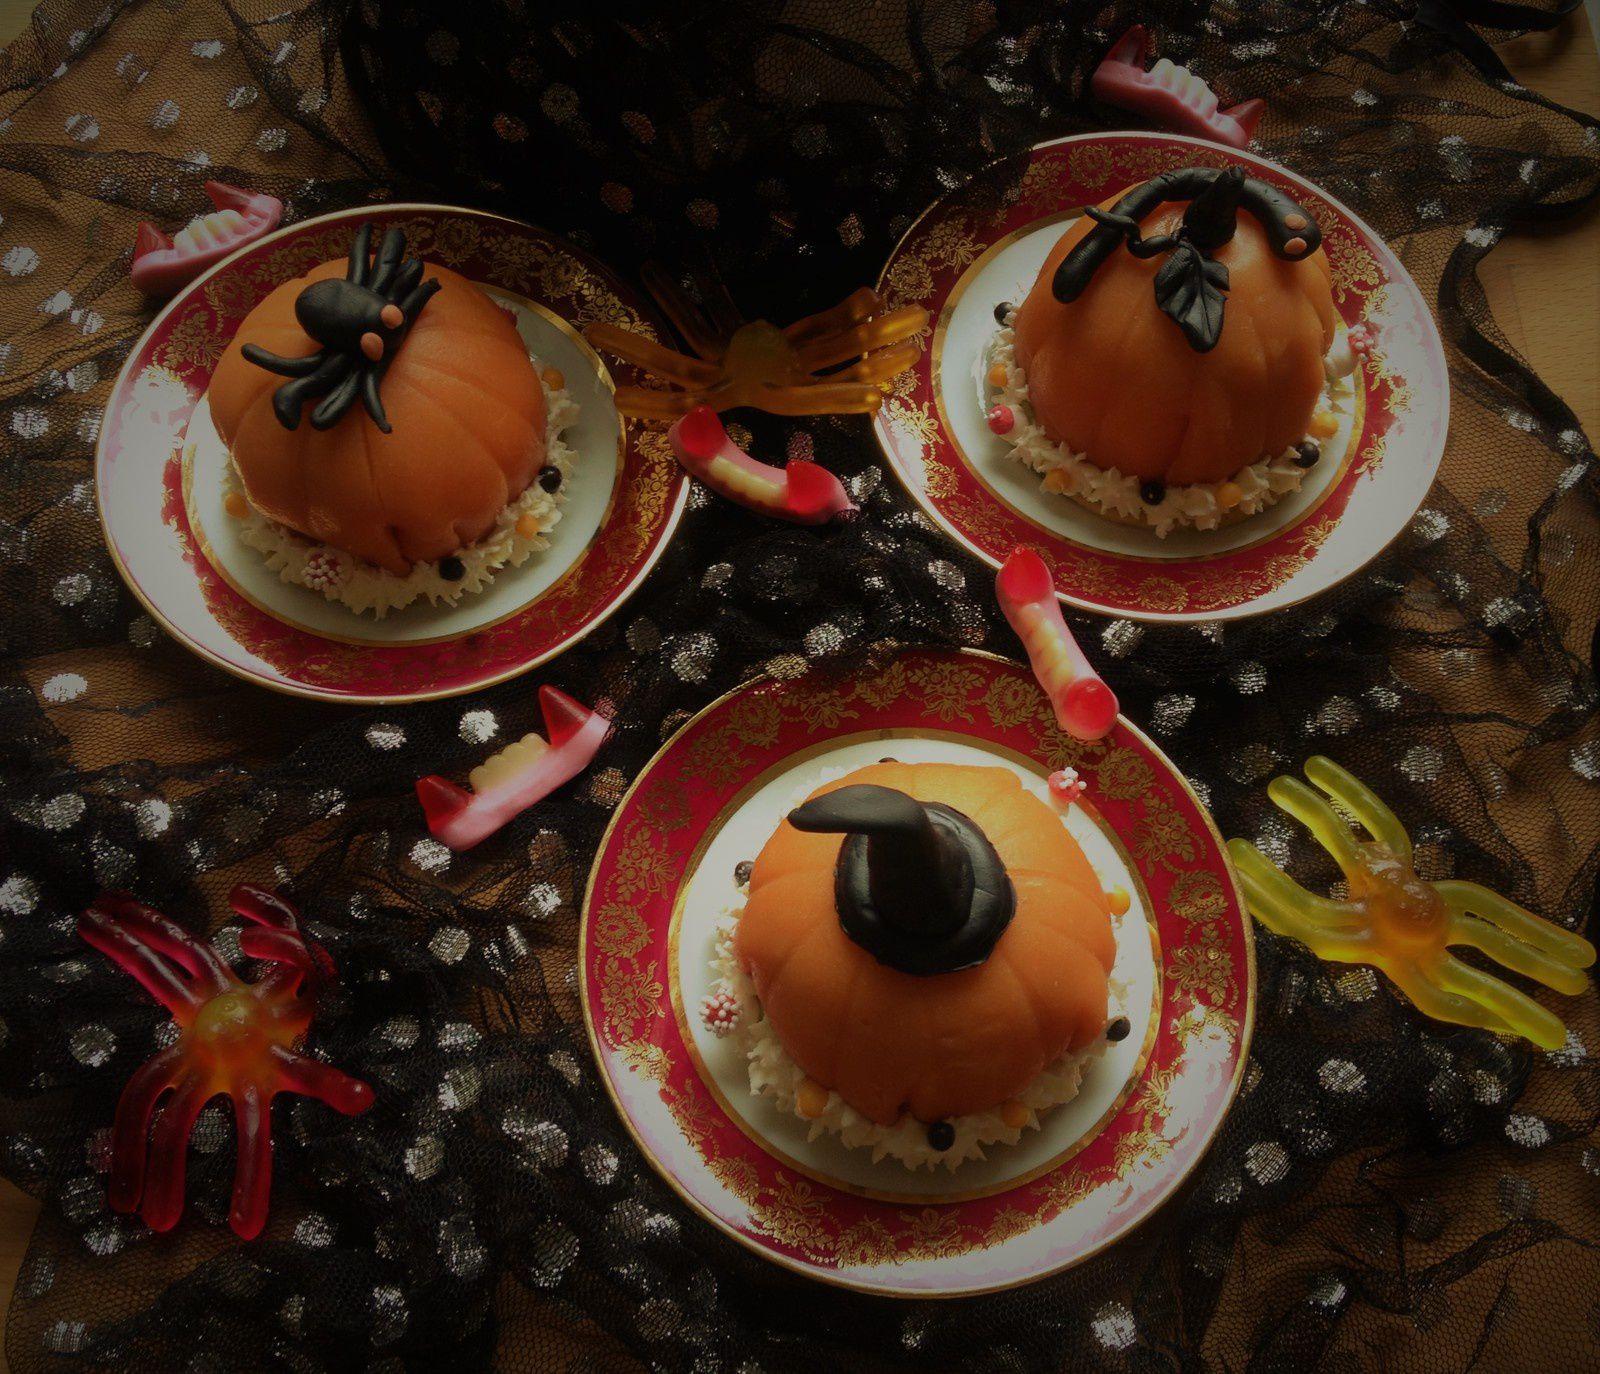 les petites citrouilles d'Halloween (même base que le gâteau licorne)